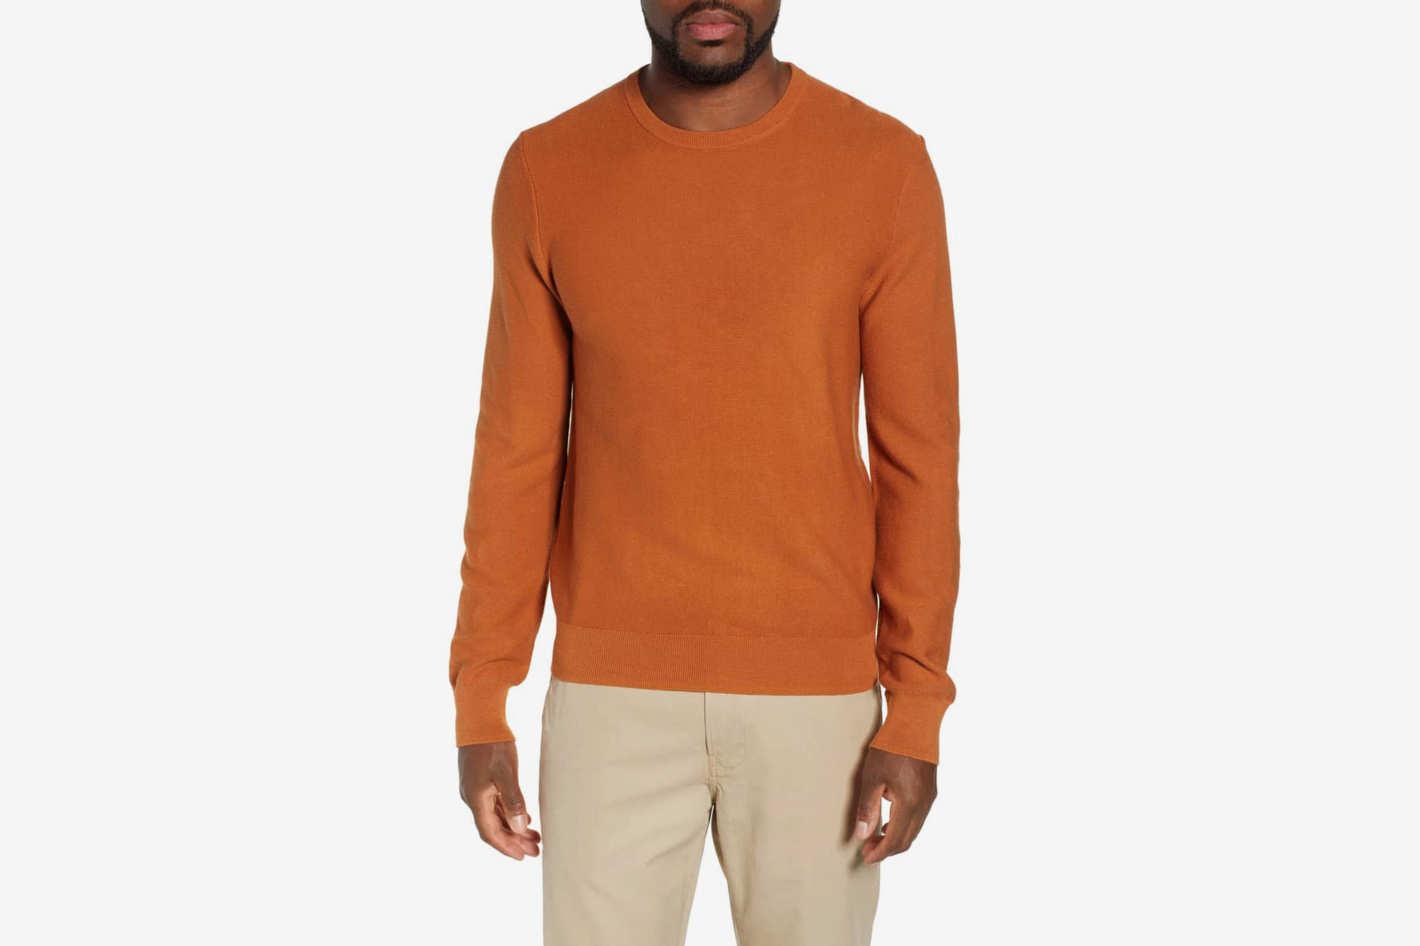 J.Crew Garter Stitch Cotton Sweater